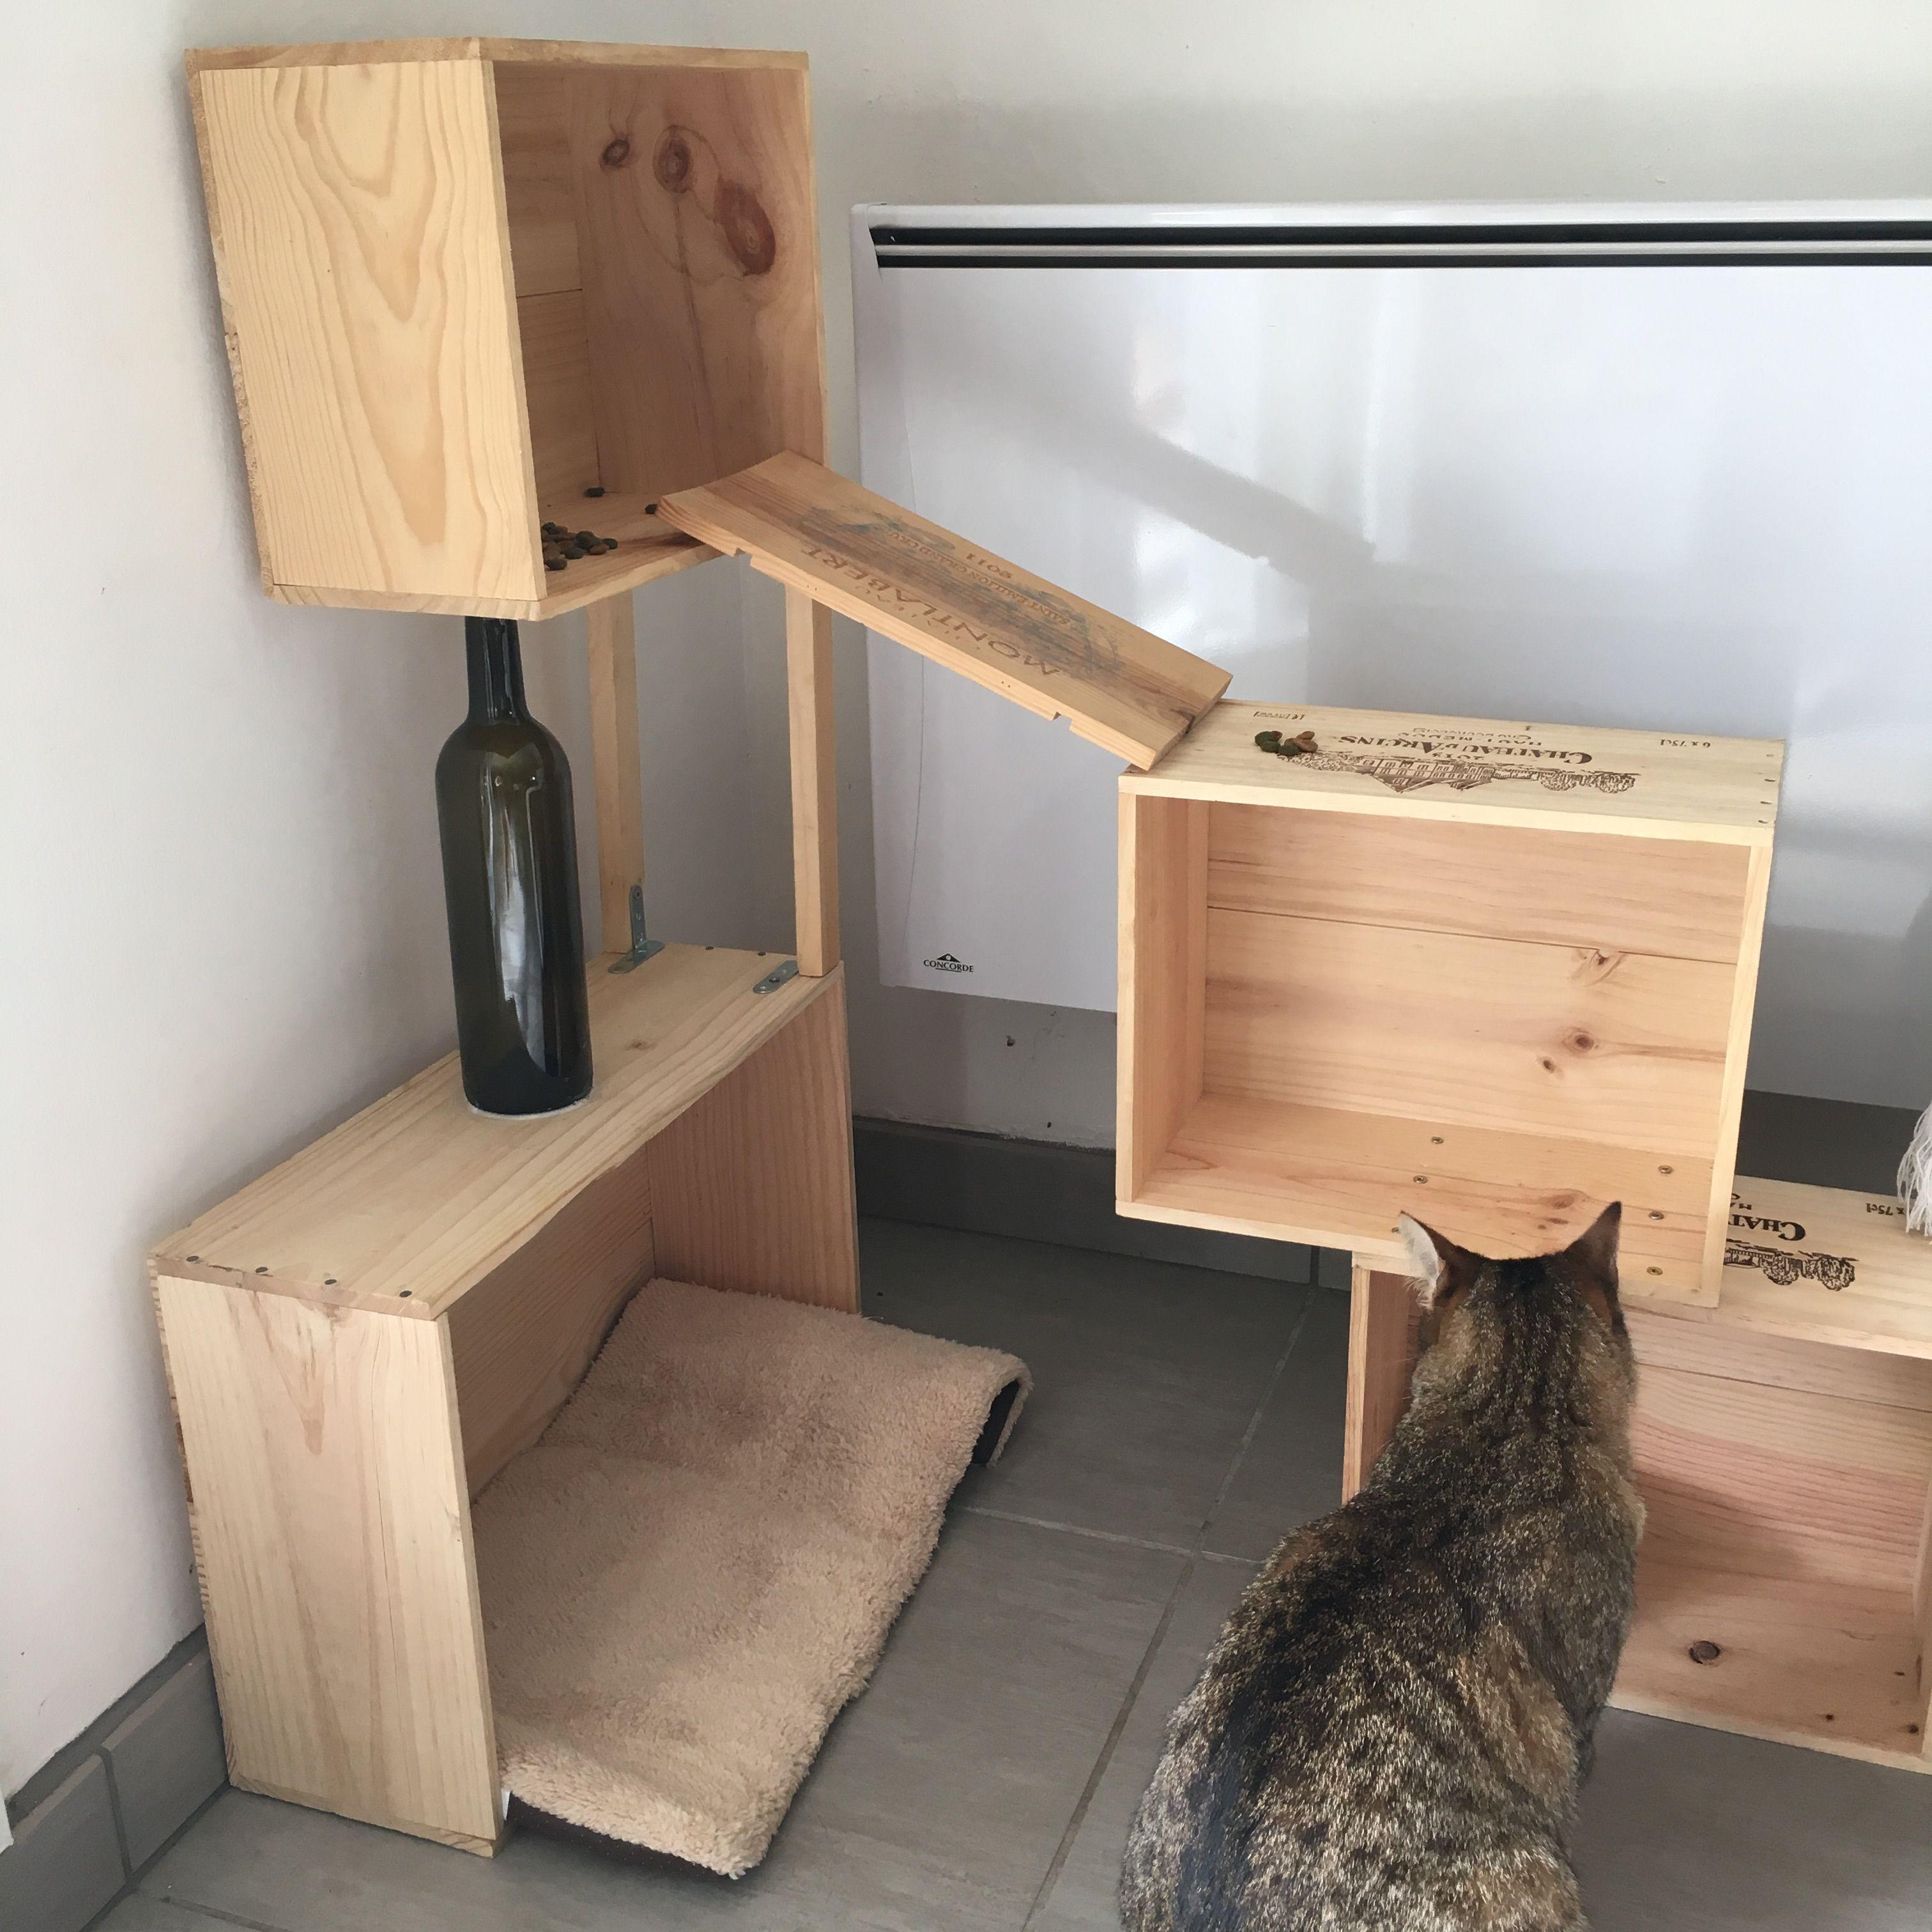 Tuto Jeux Jouet Chat Cat Tree Avec Images Arbre A Chat Diy Arbre A Chat Jouet Pour Chat